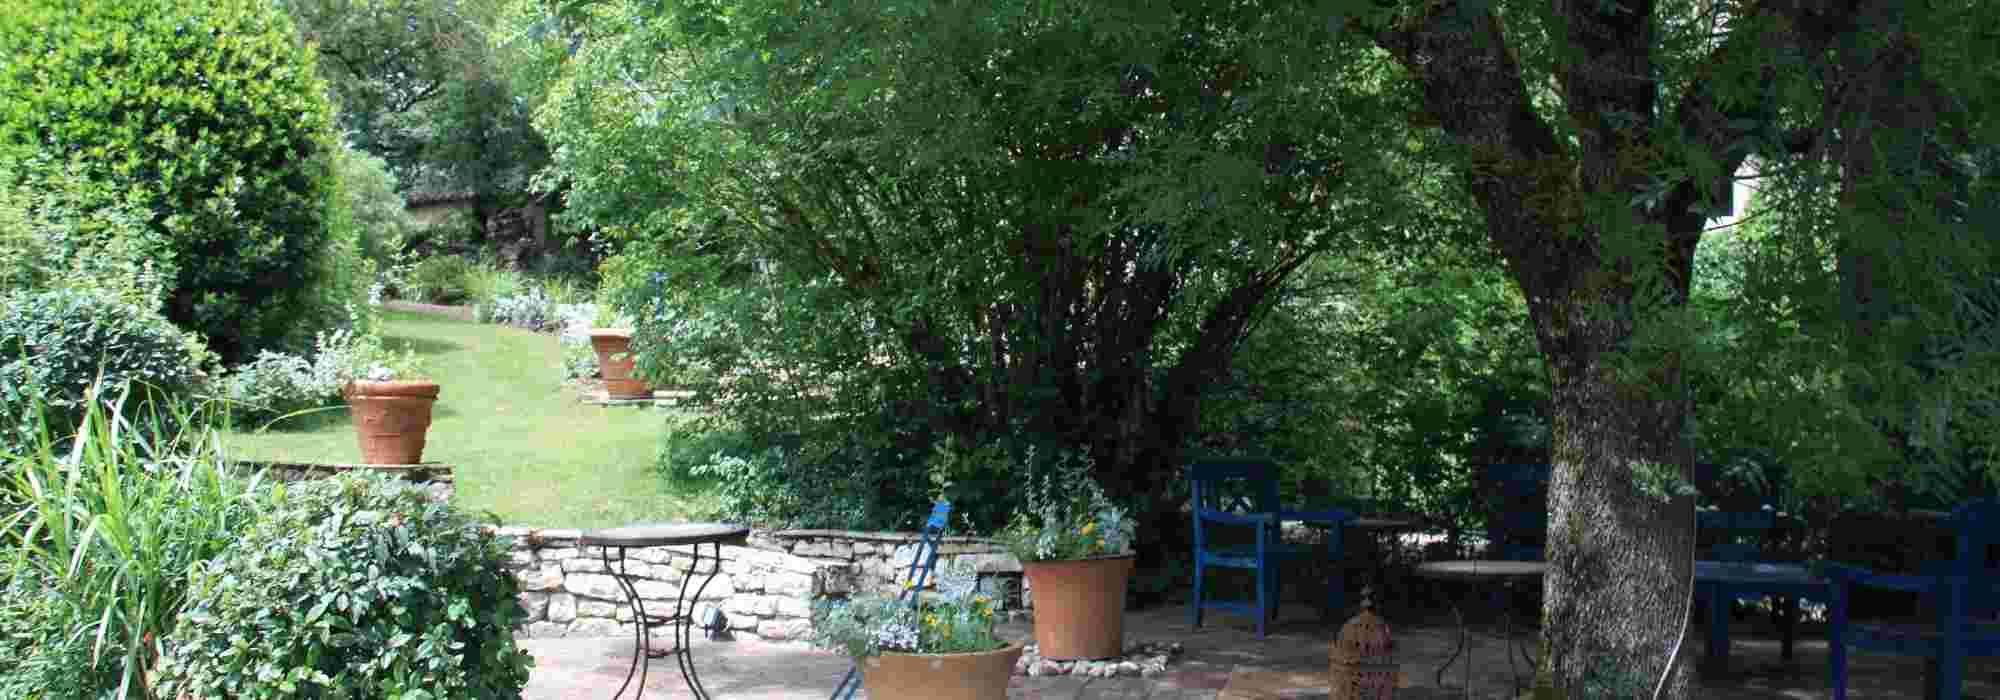 Comment Aménager Un Jardin En Longueur ? | Outdoor Decor ... avec Amenager Jardin Rectangulaire